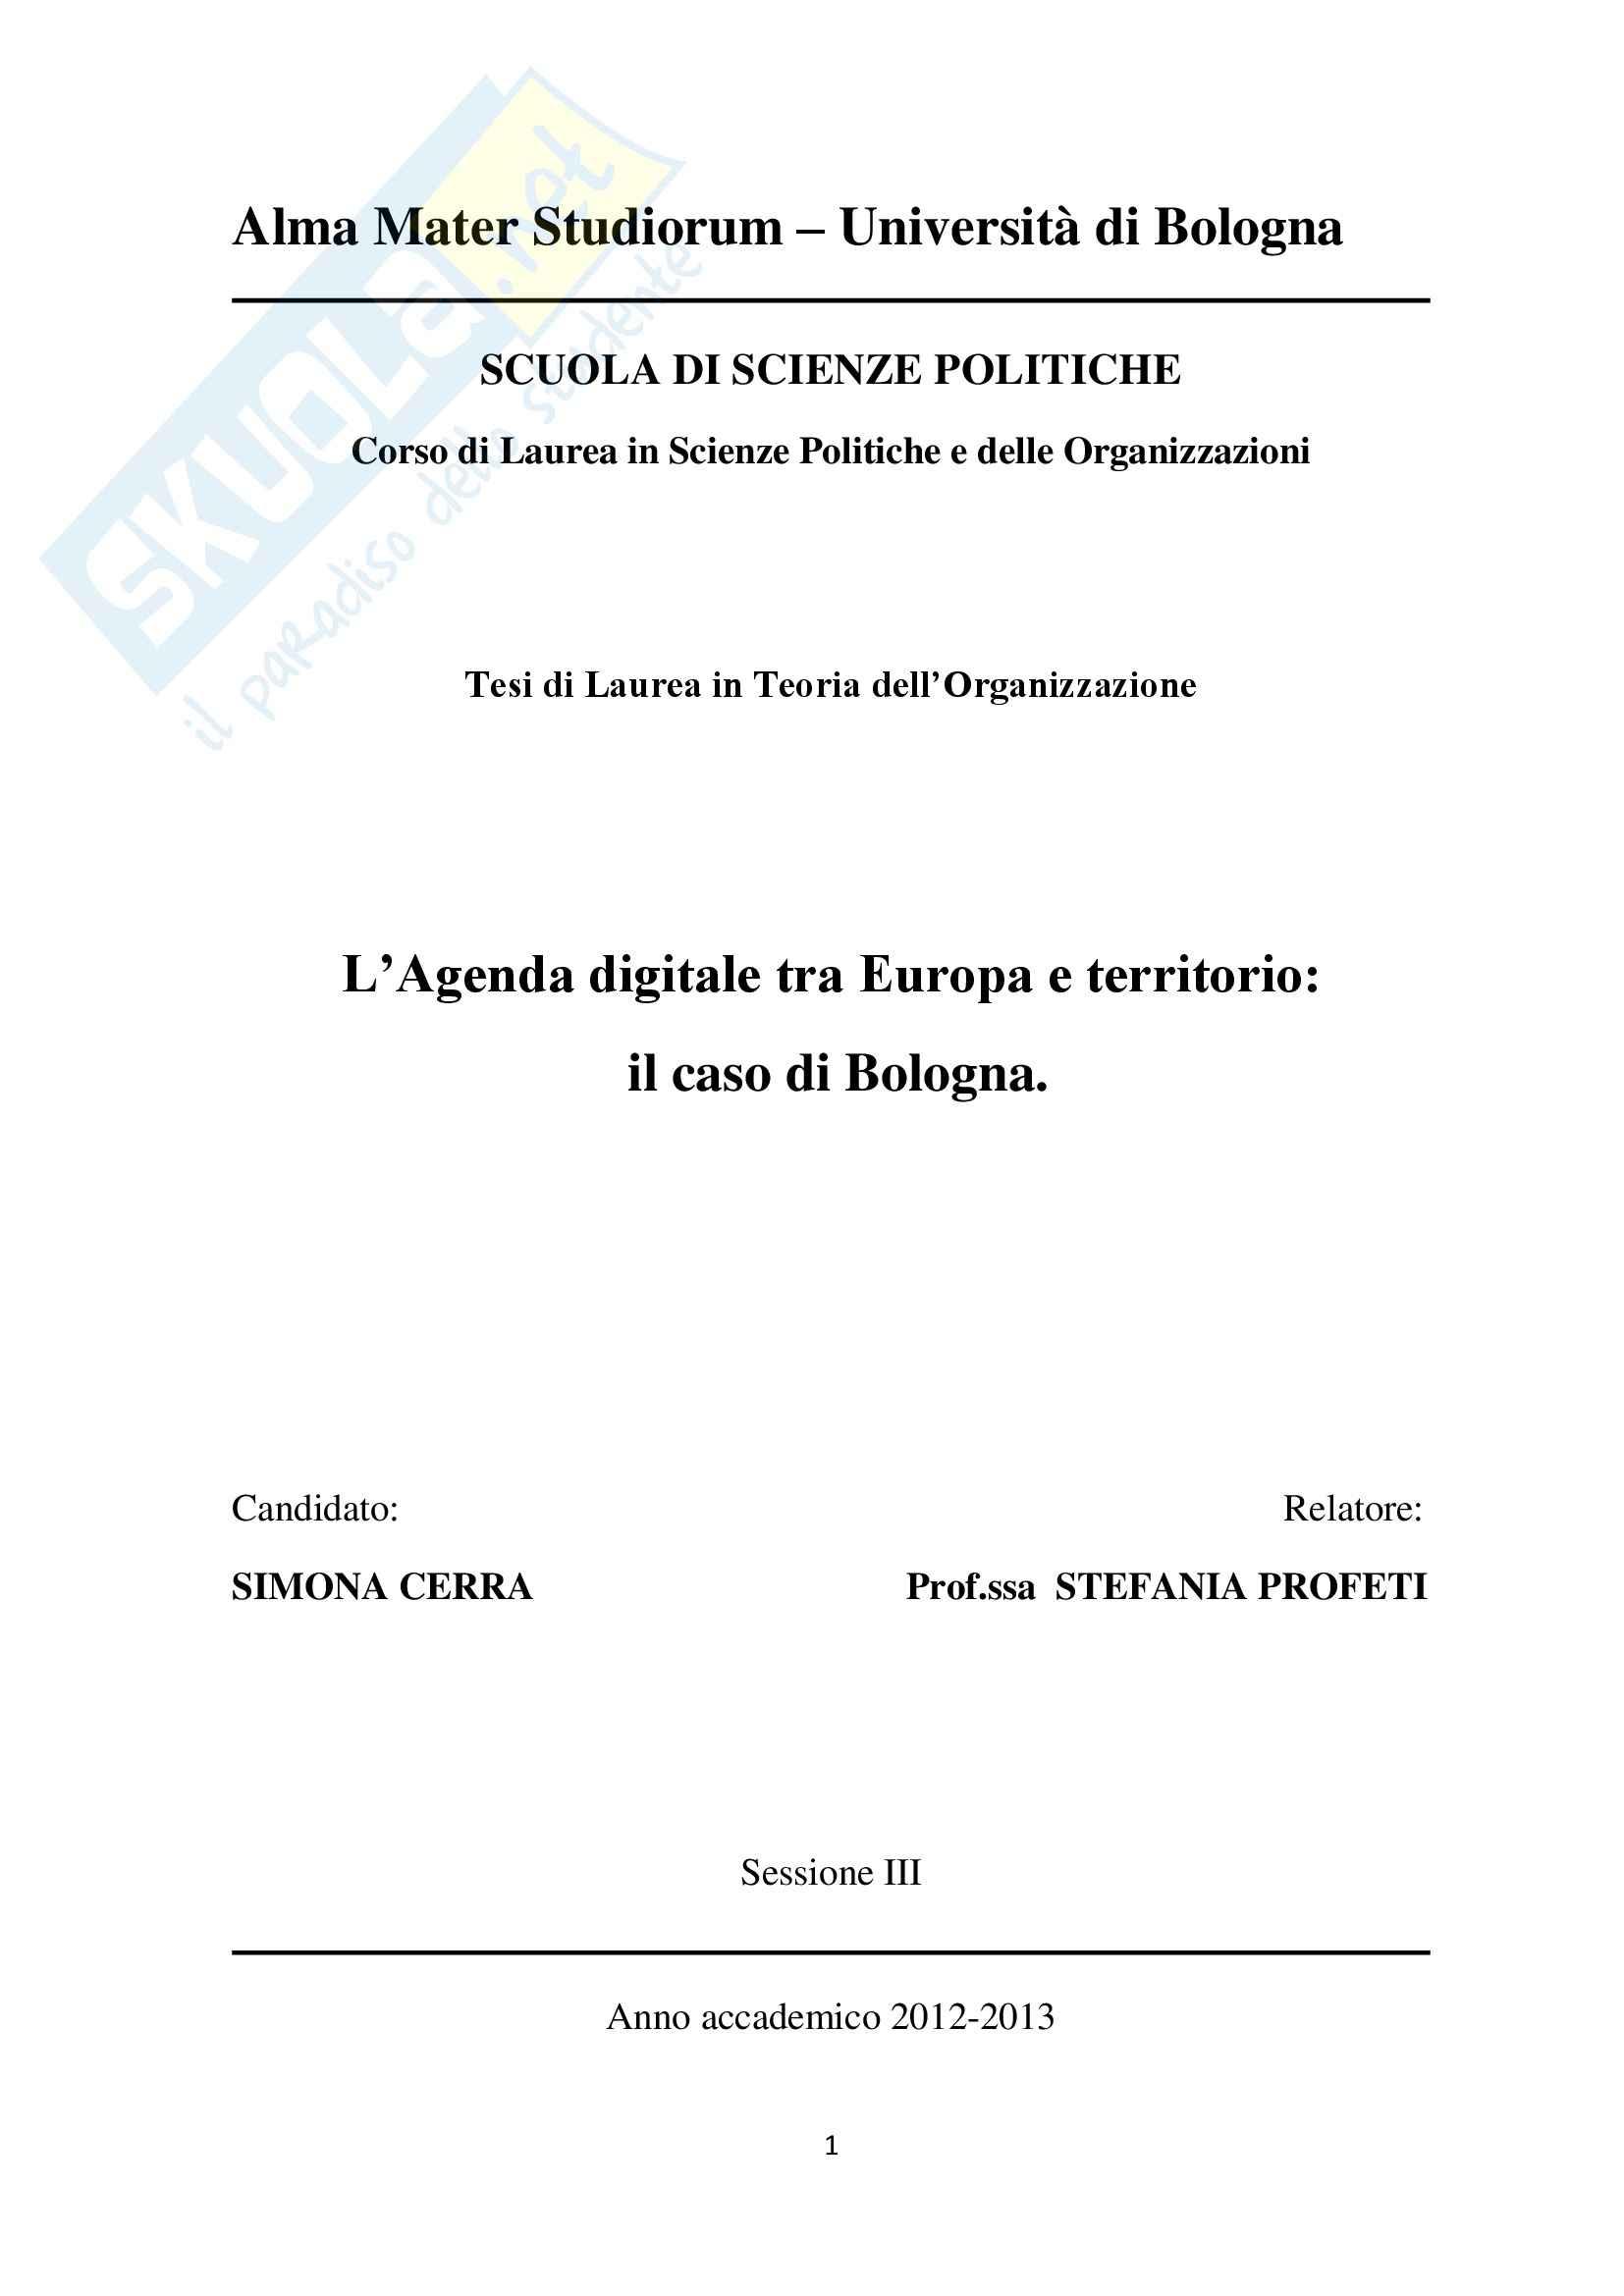 Tesi, L'Agenda digitale tra Europa e territorio: il caso di Bologna